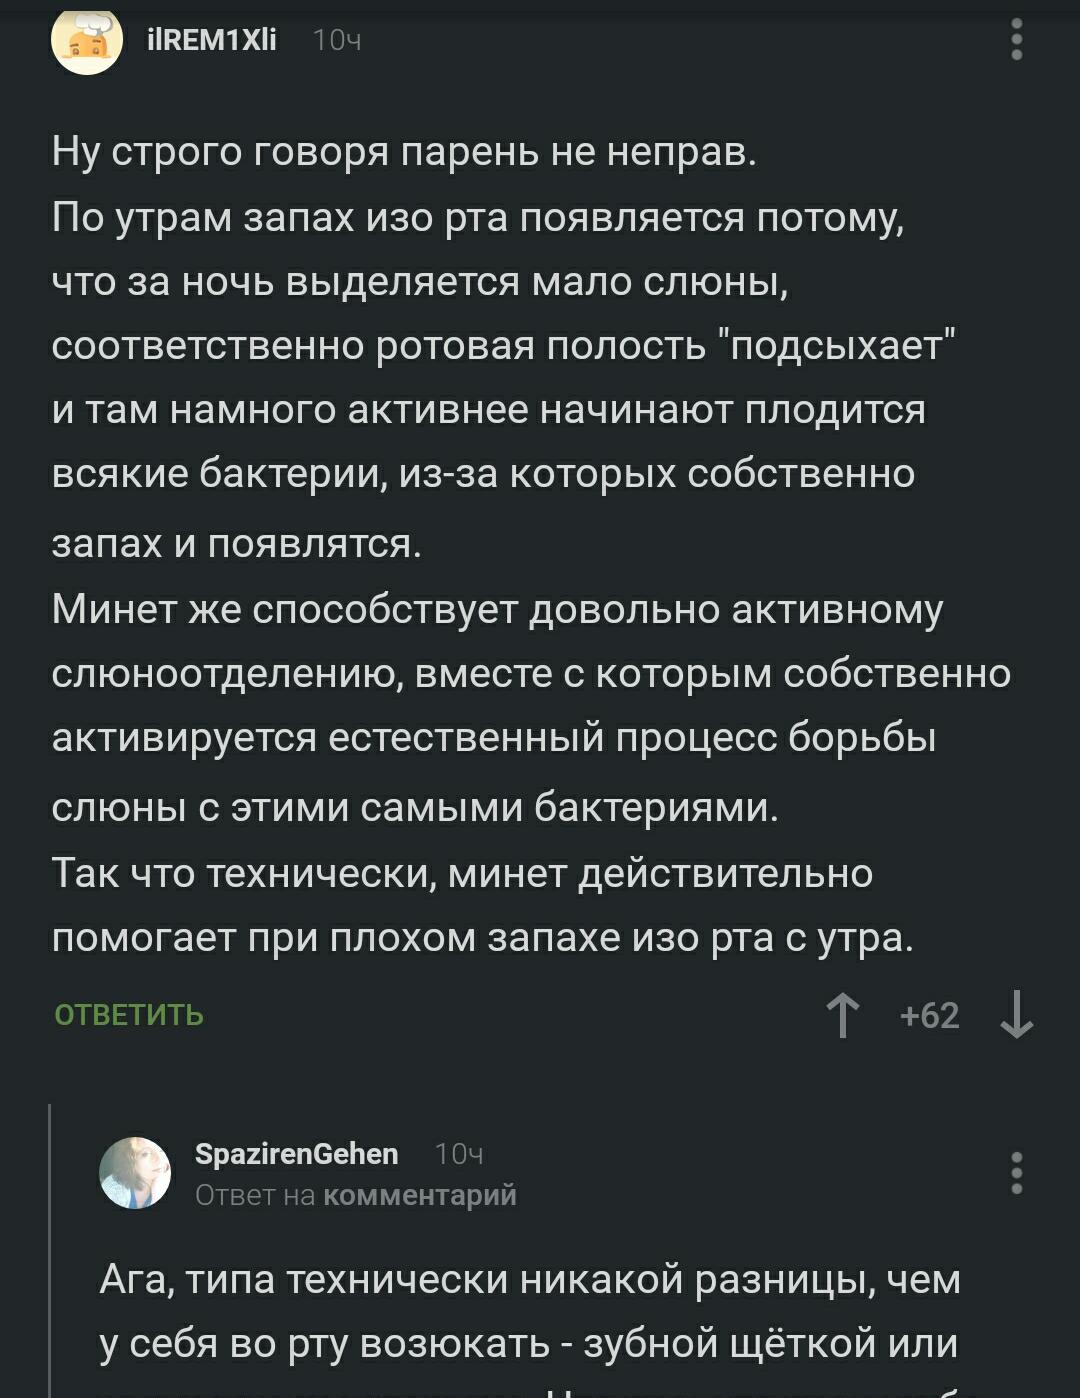 kommentariya-k-foto-minet-porno